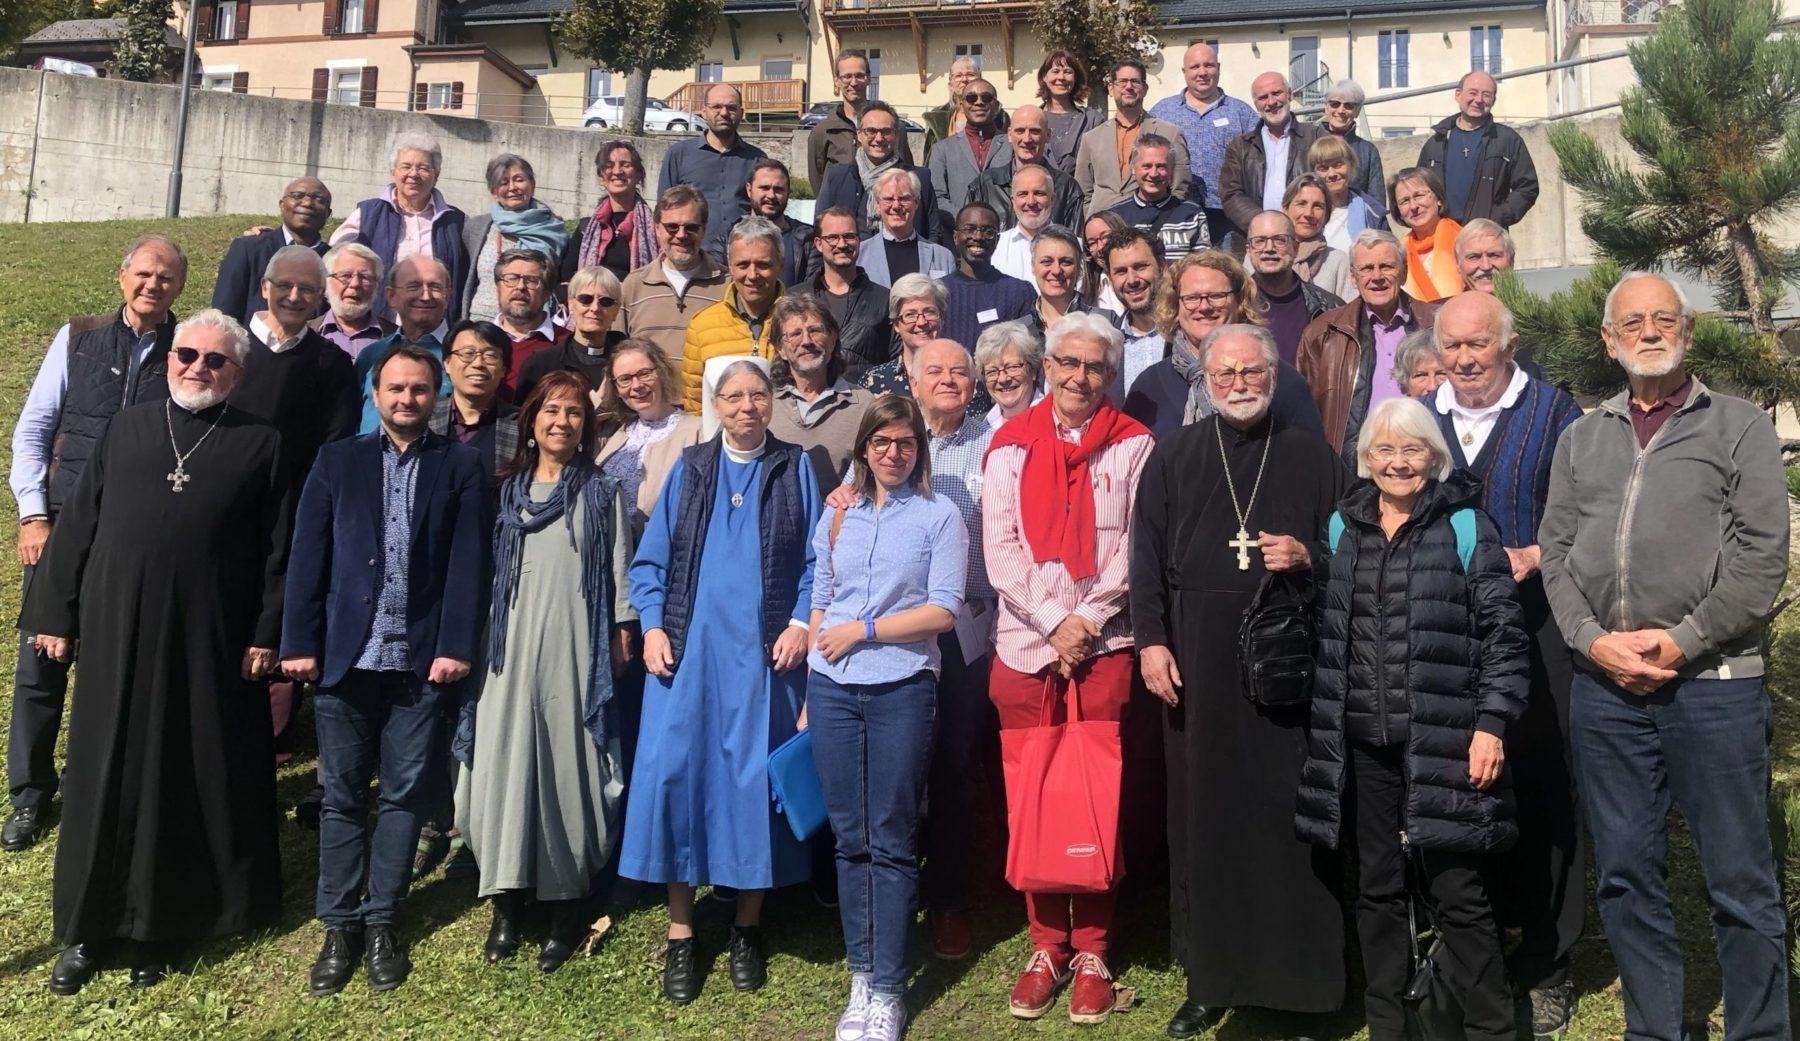 Environ 100 membres de toutes confessions et dénominations chrétiennes de Suisse romande se sont réunis à Leysin du 10 au 13 octobre pour le premier Forum chrétien romand